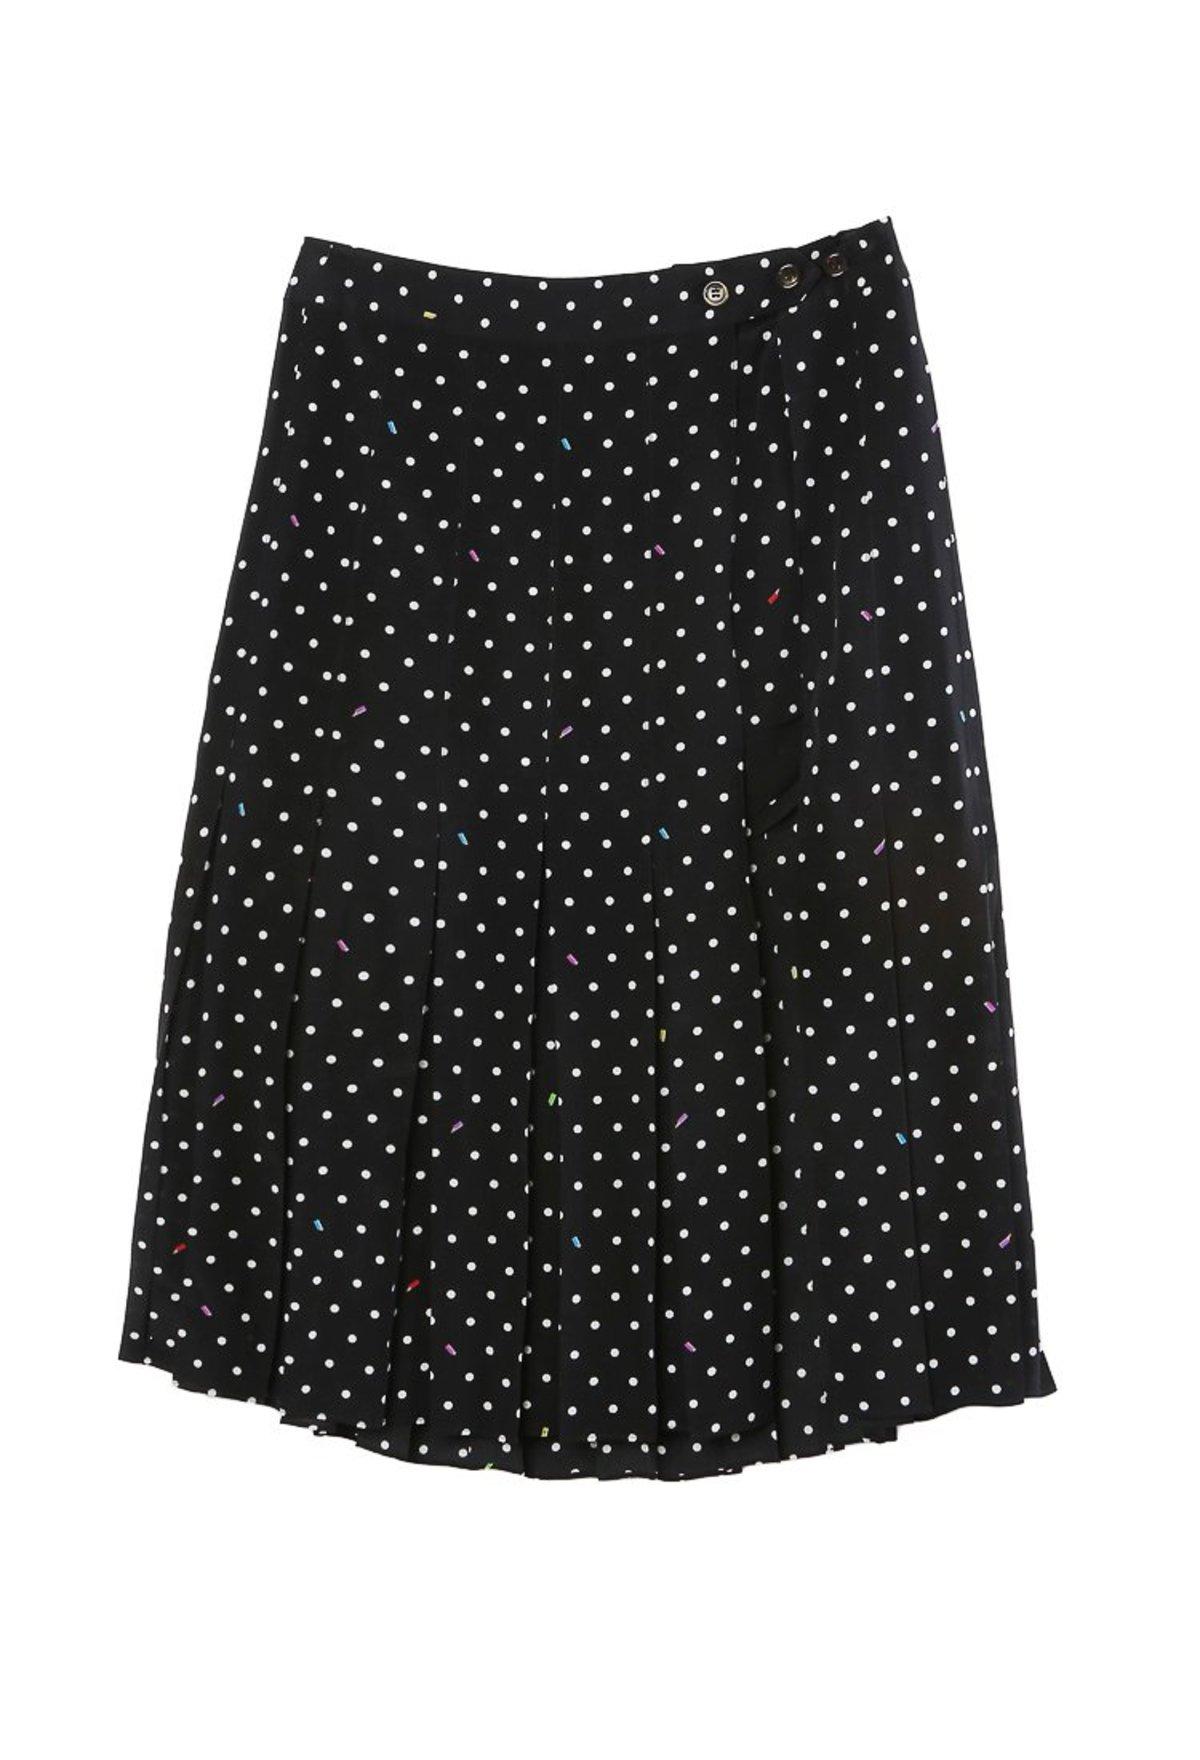 977e4eacb7 Sandy Liang Uniform Polka Dot Skirt | Garmentory